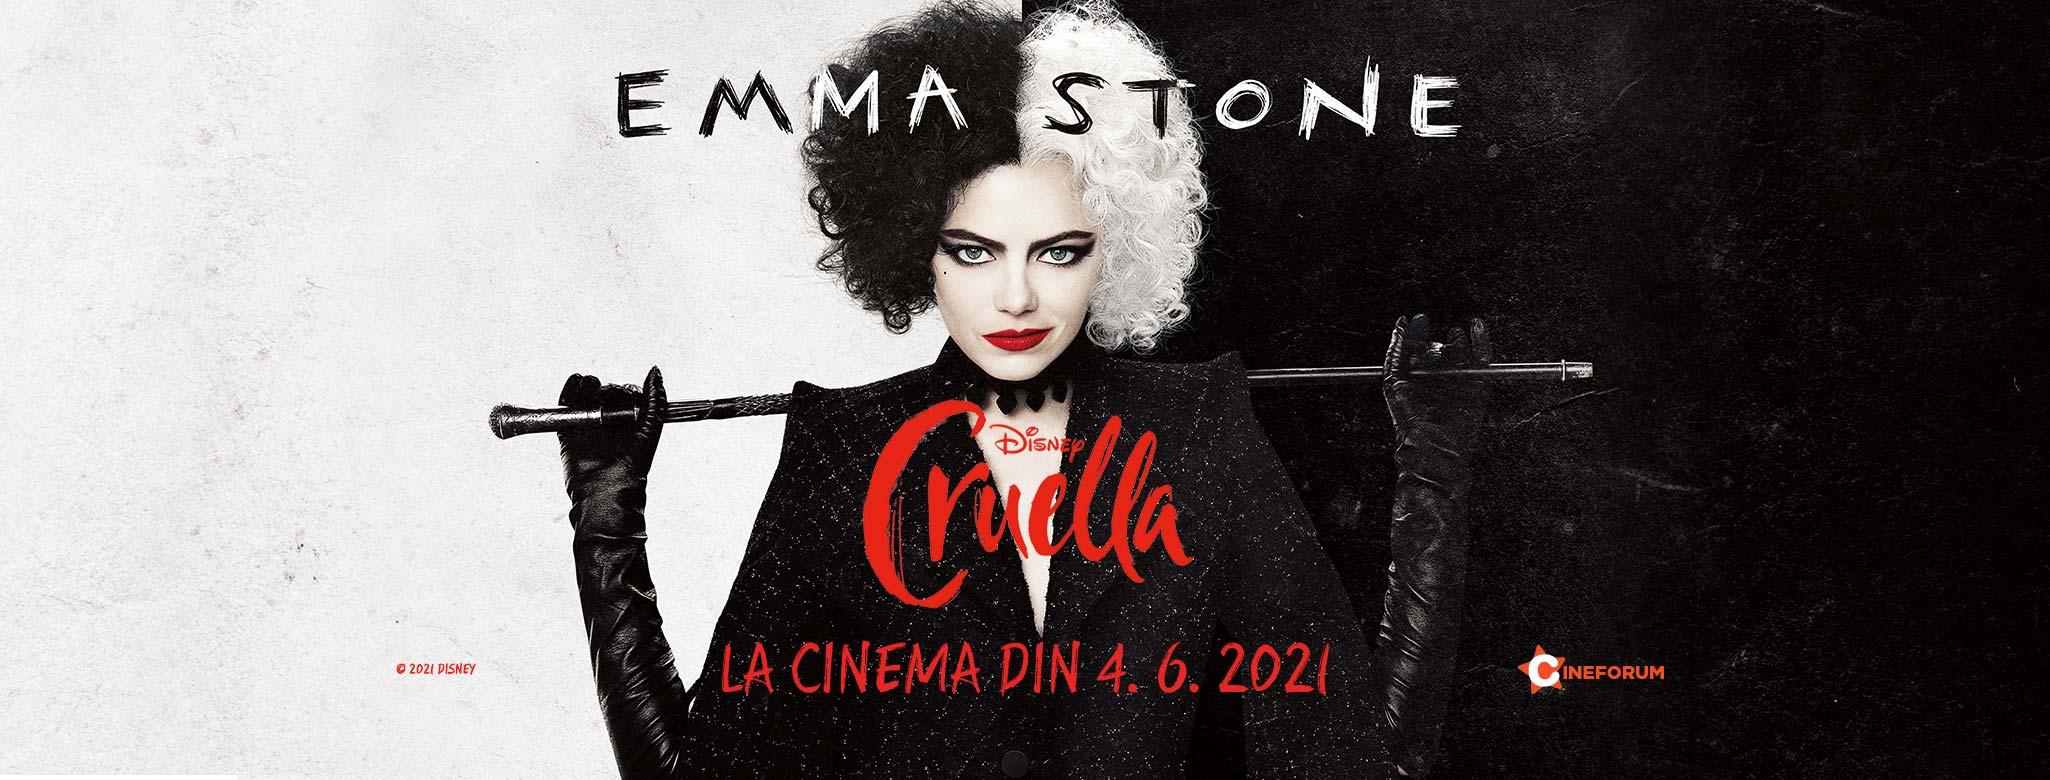 Cruella este o Ana Morodan cinematografica!